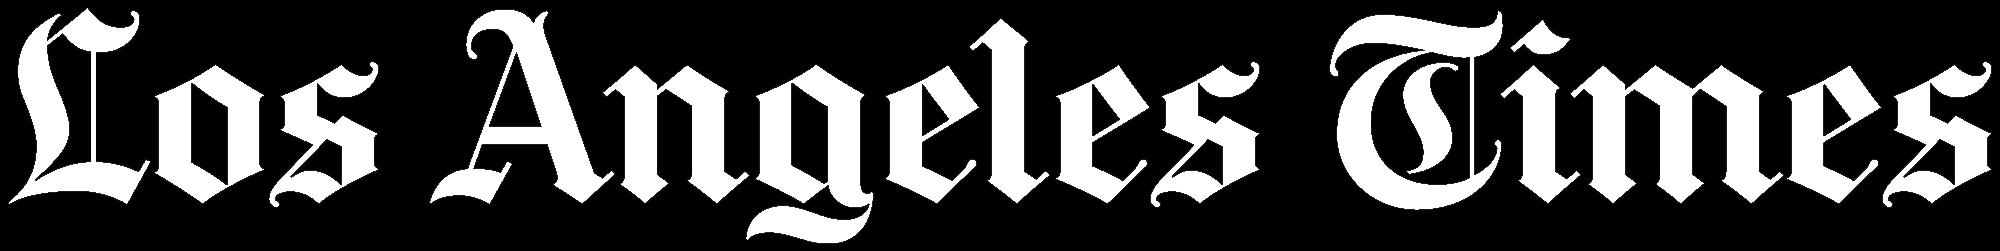 LA times logo White.png